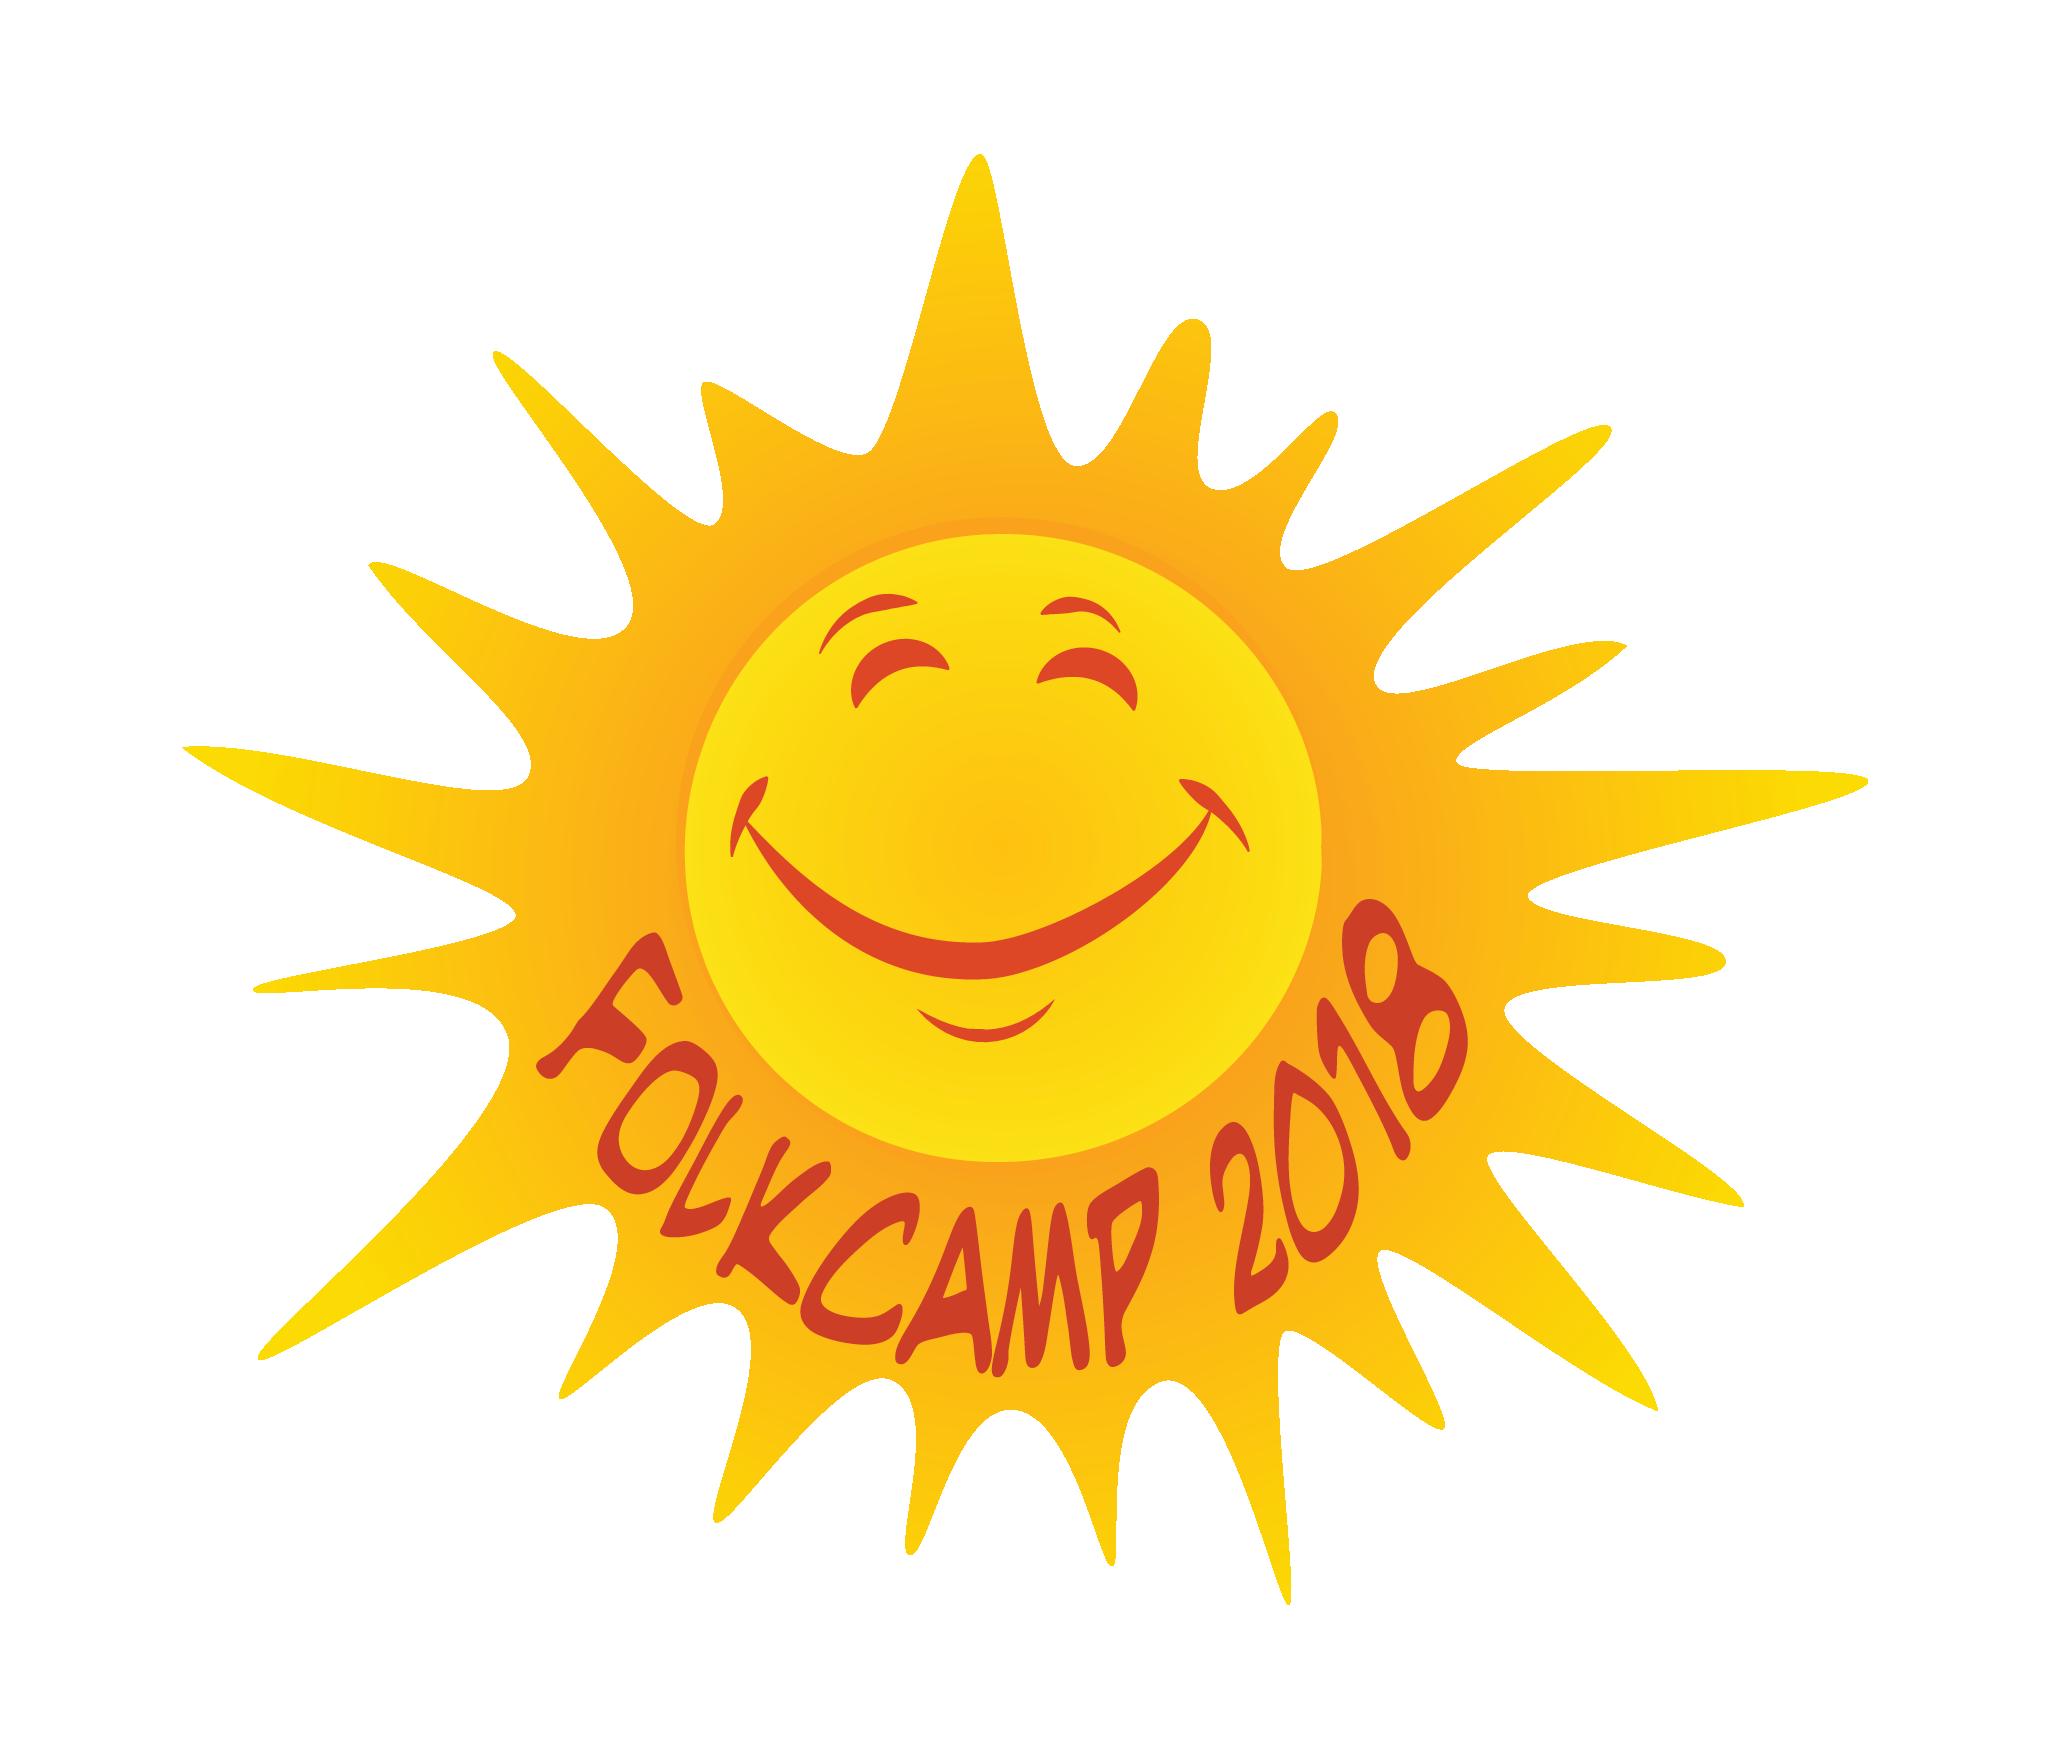 FolkCamp 2018 |  Sommerens bedste tilbud til dig mellem 10-15 år!